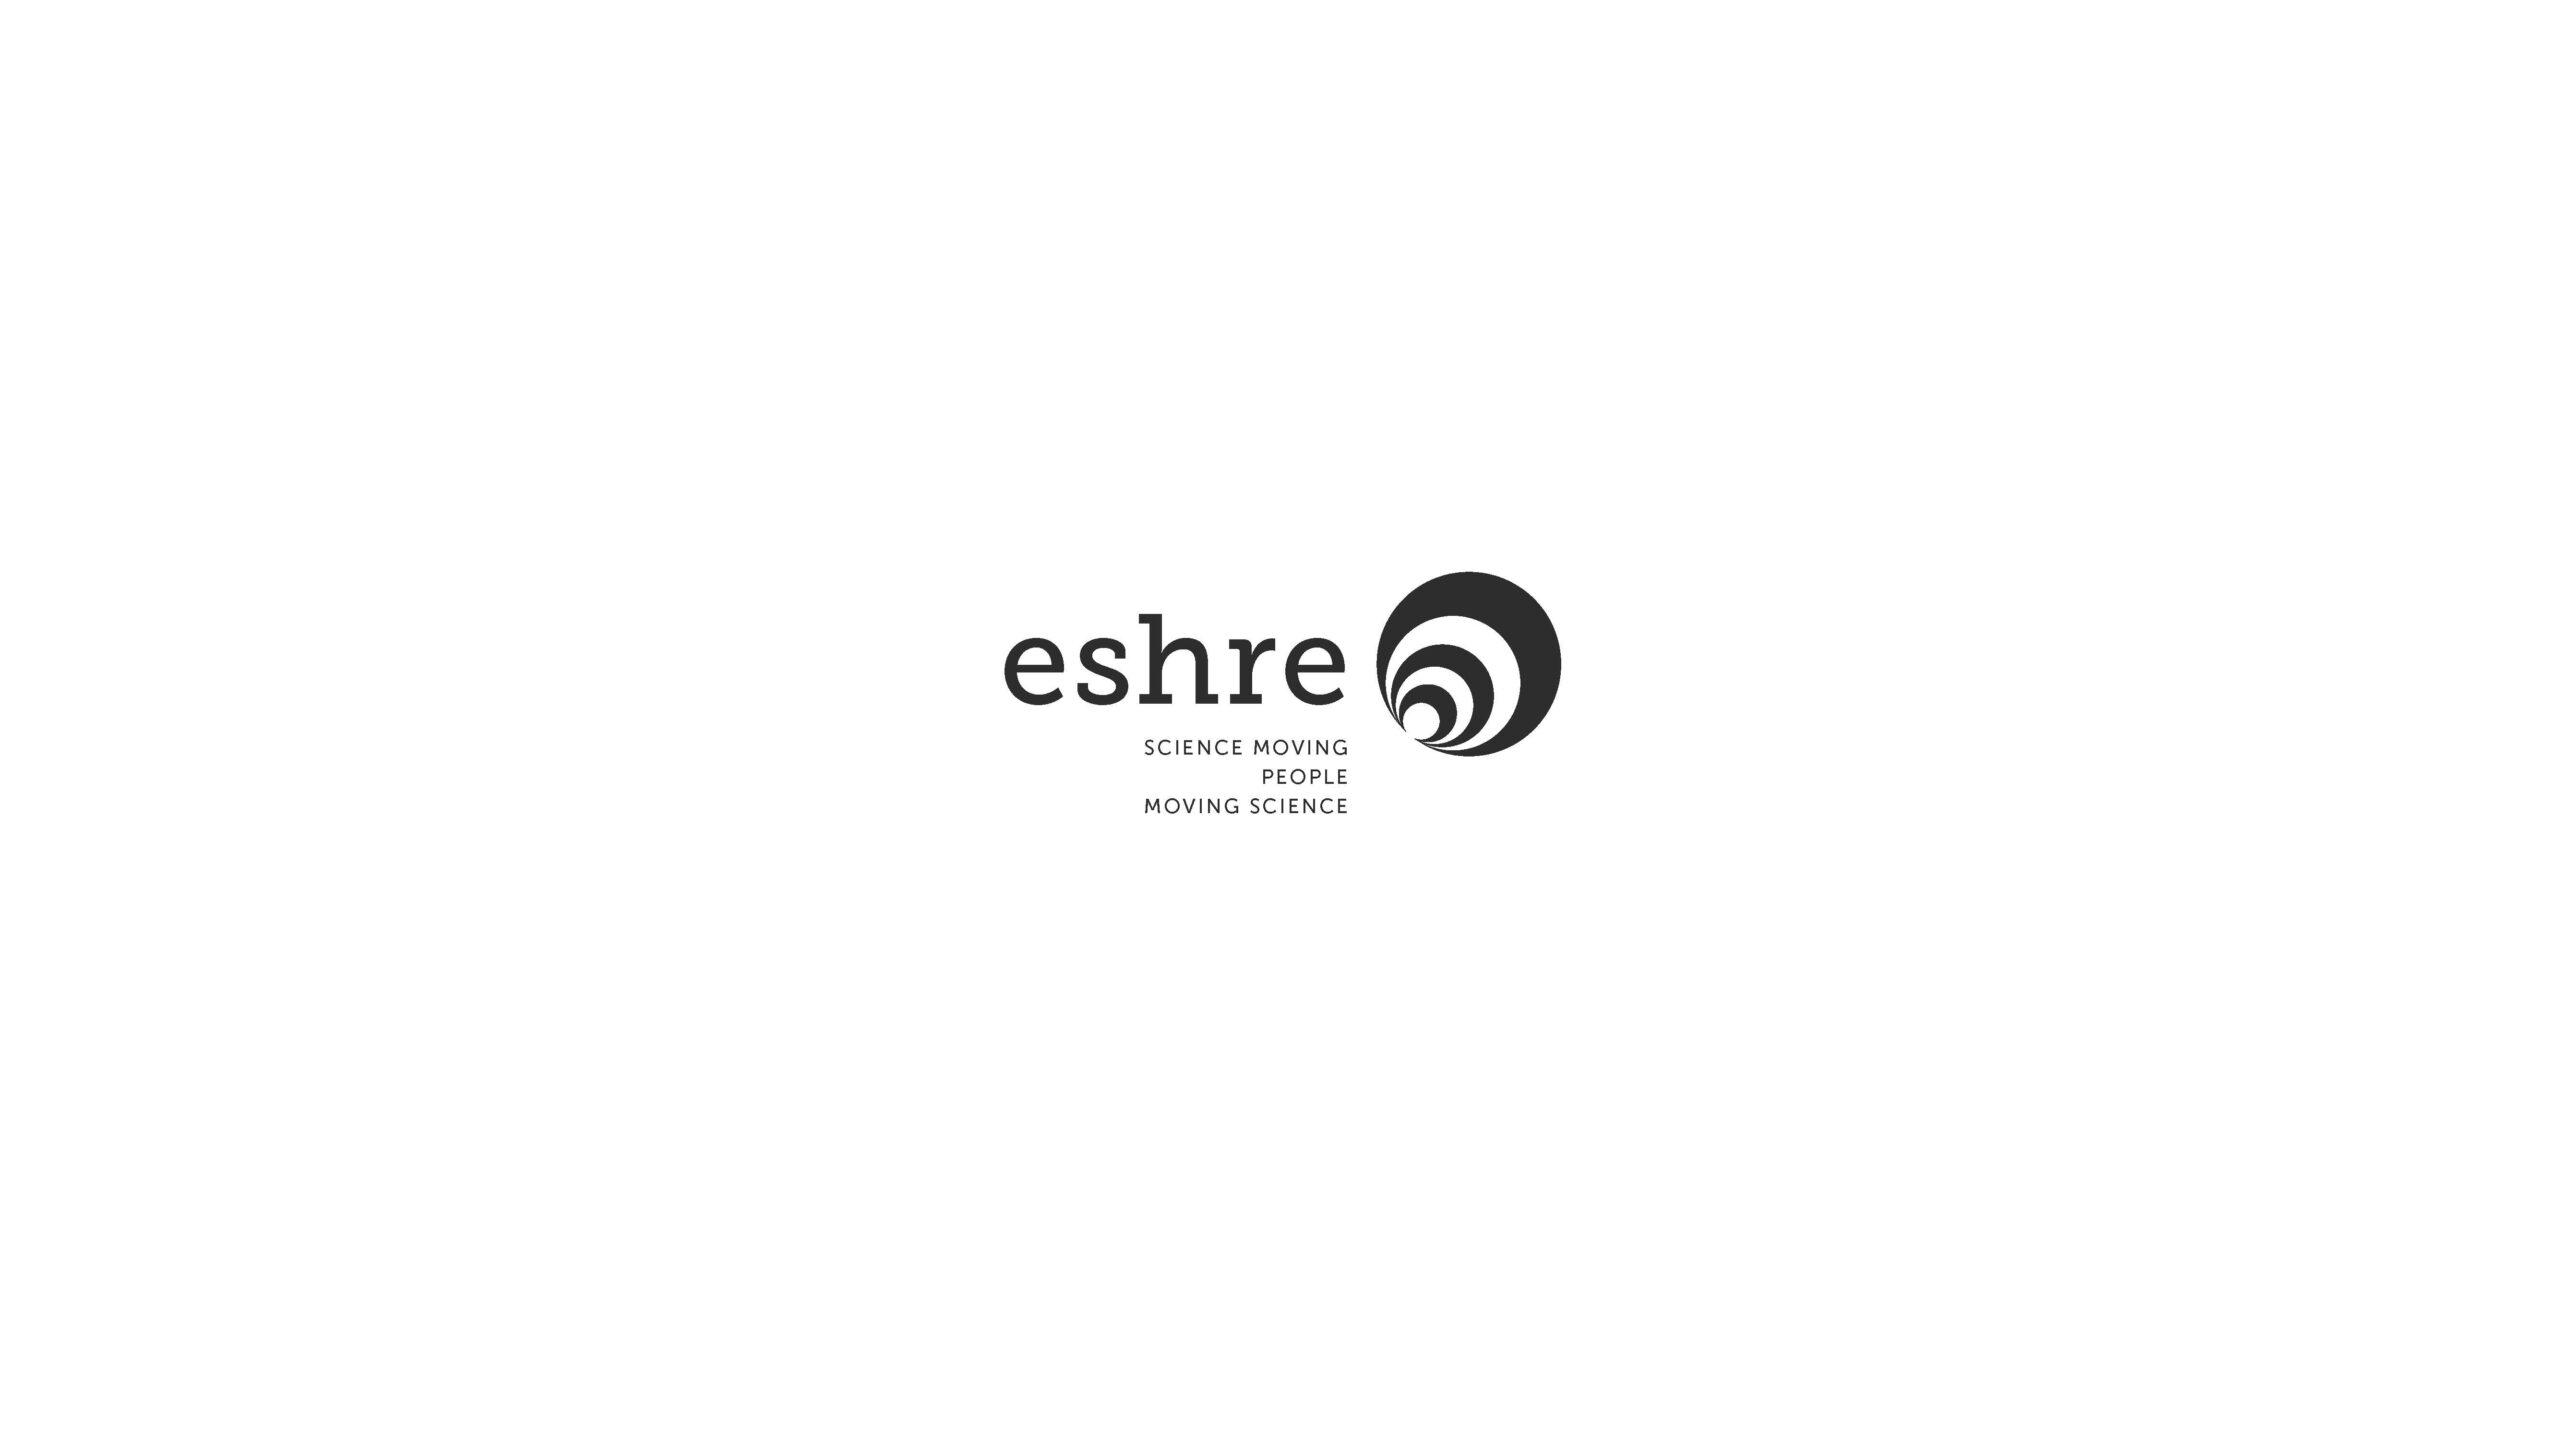 Picture Eshre